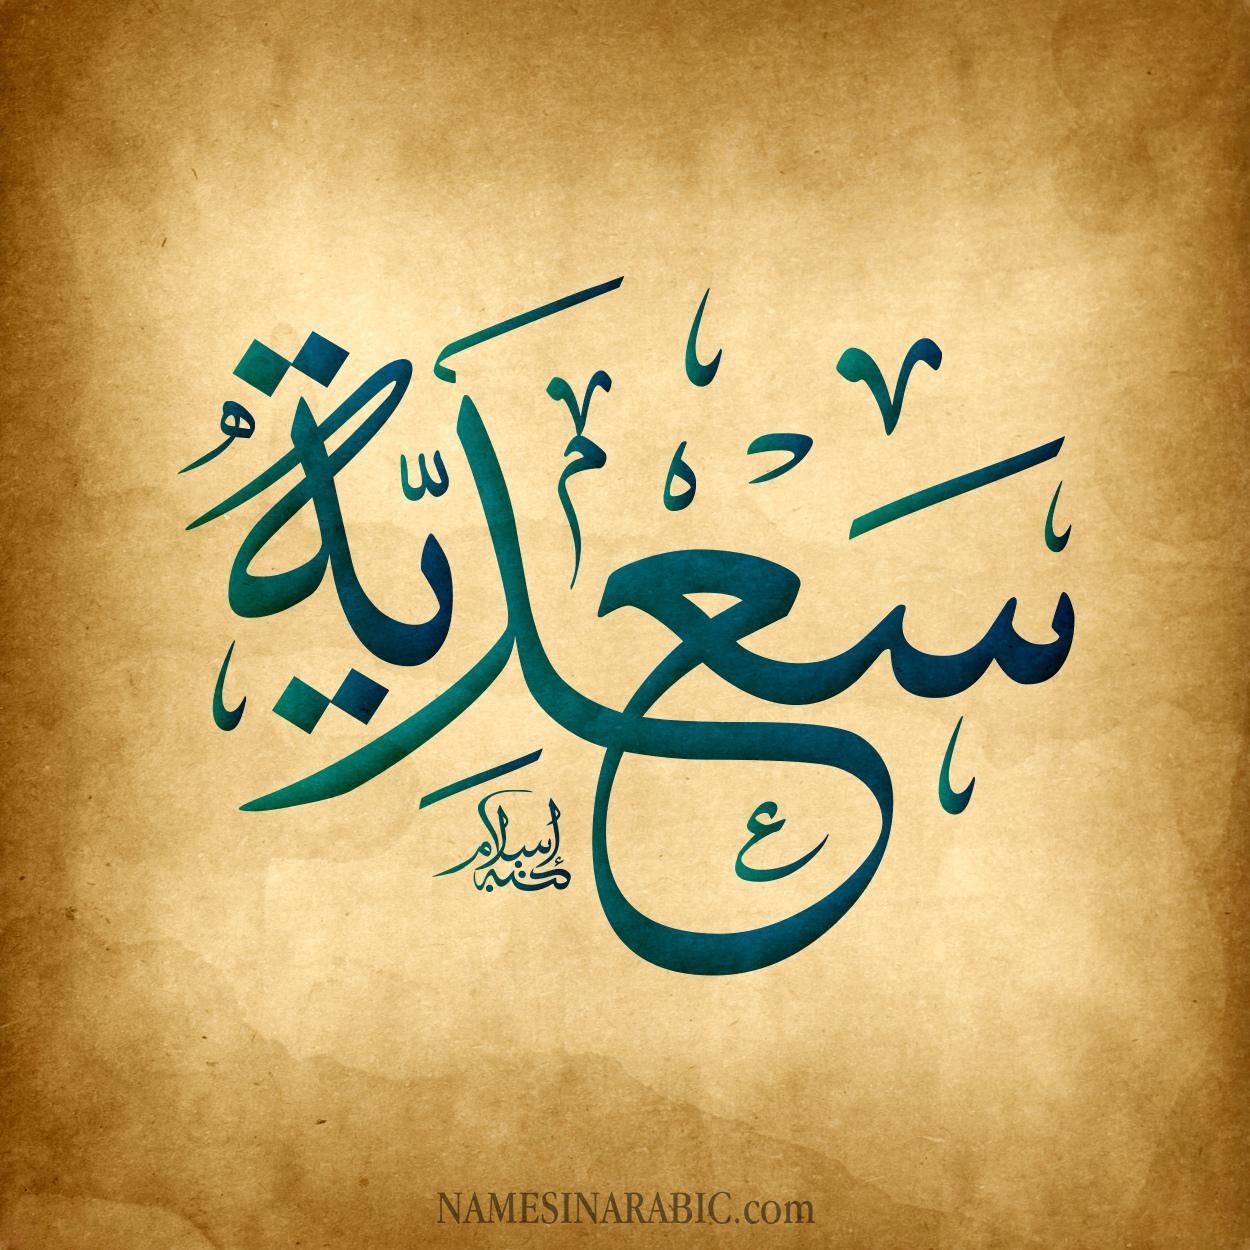 صورة اسم سعدية Sadiya اسم سعدية بالخط العربي من موقع الأسماء بالخط العربي بريشة الفنان إسلام ابن الفضل